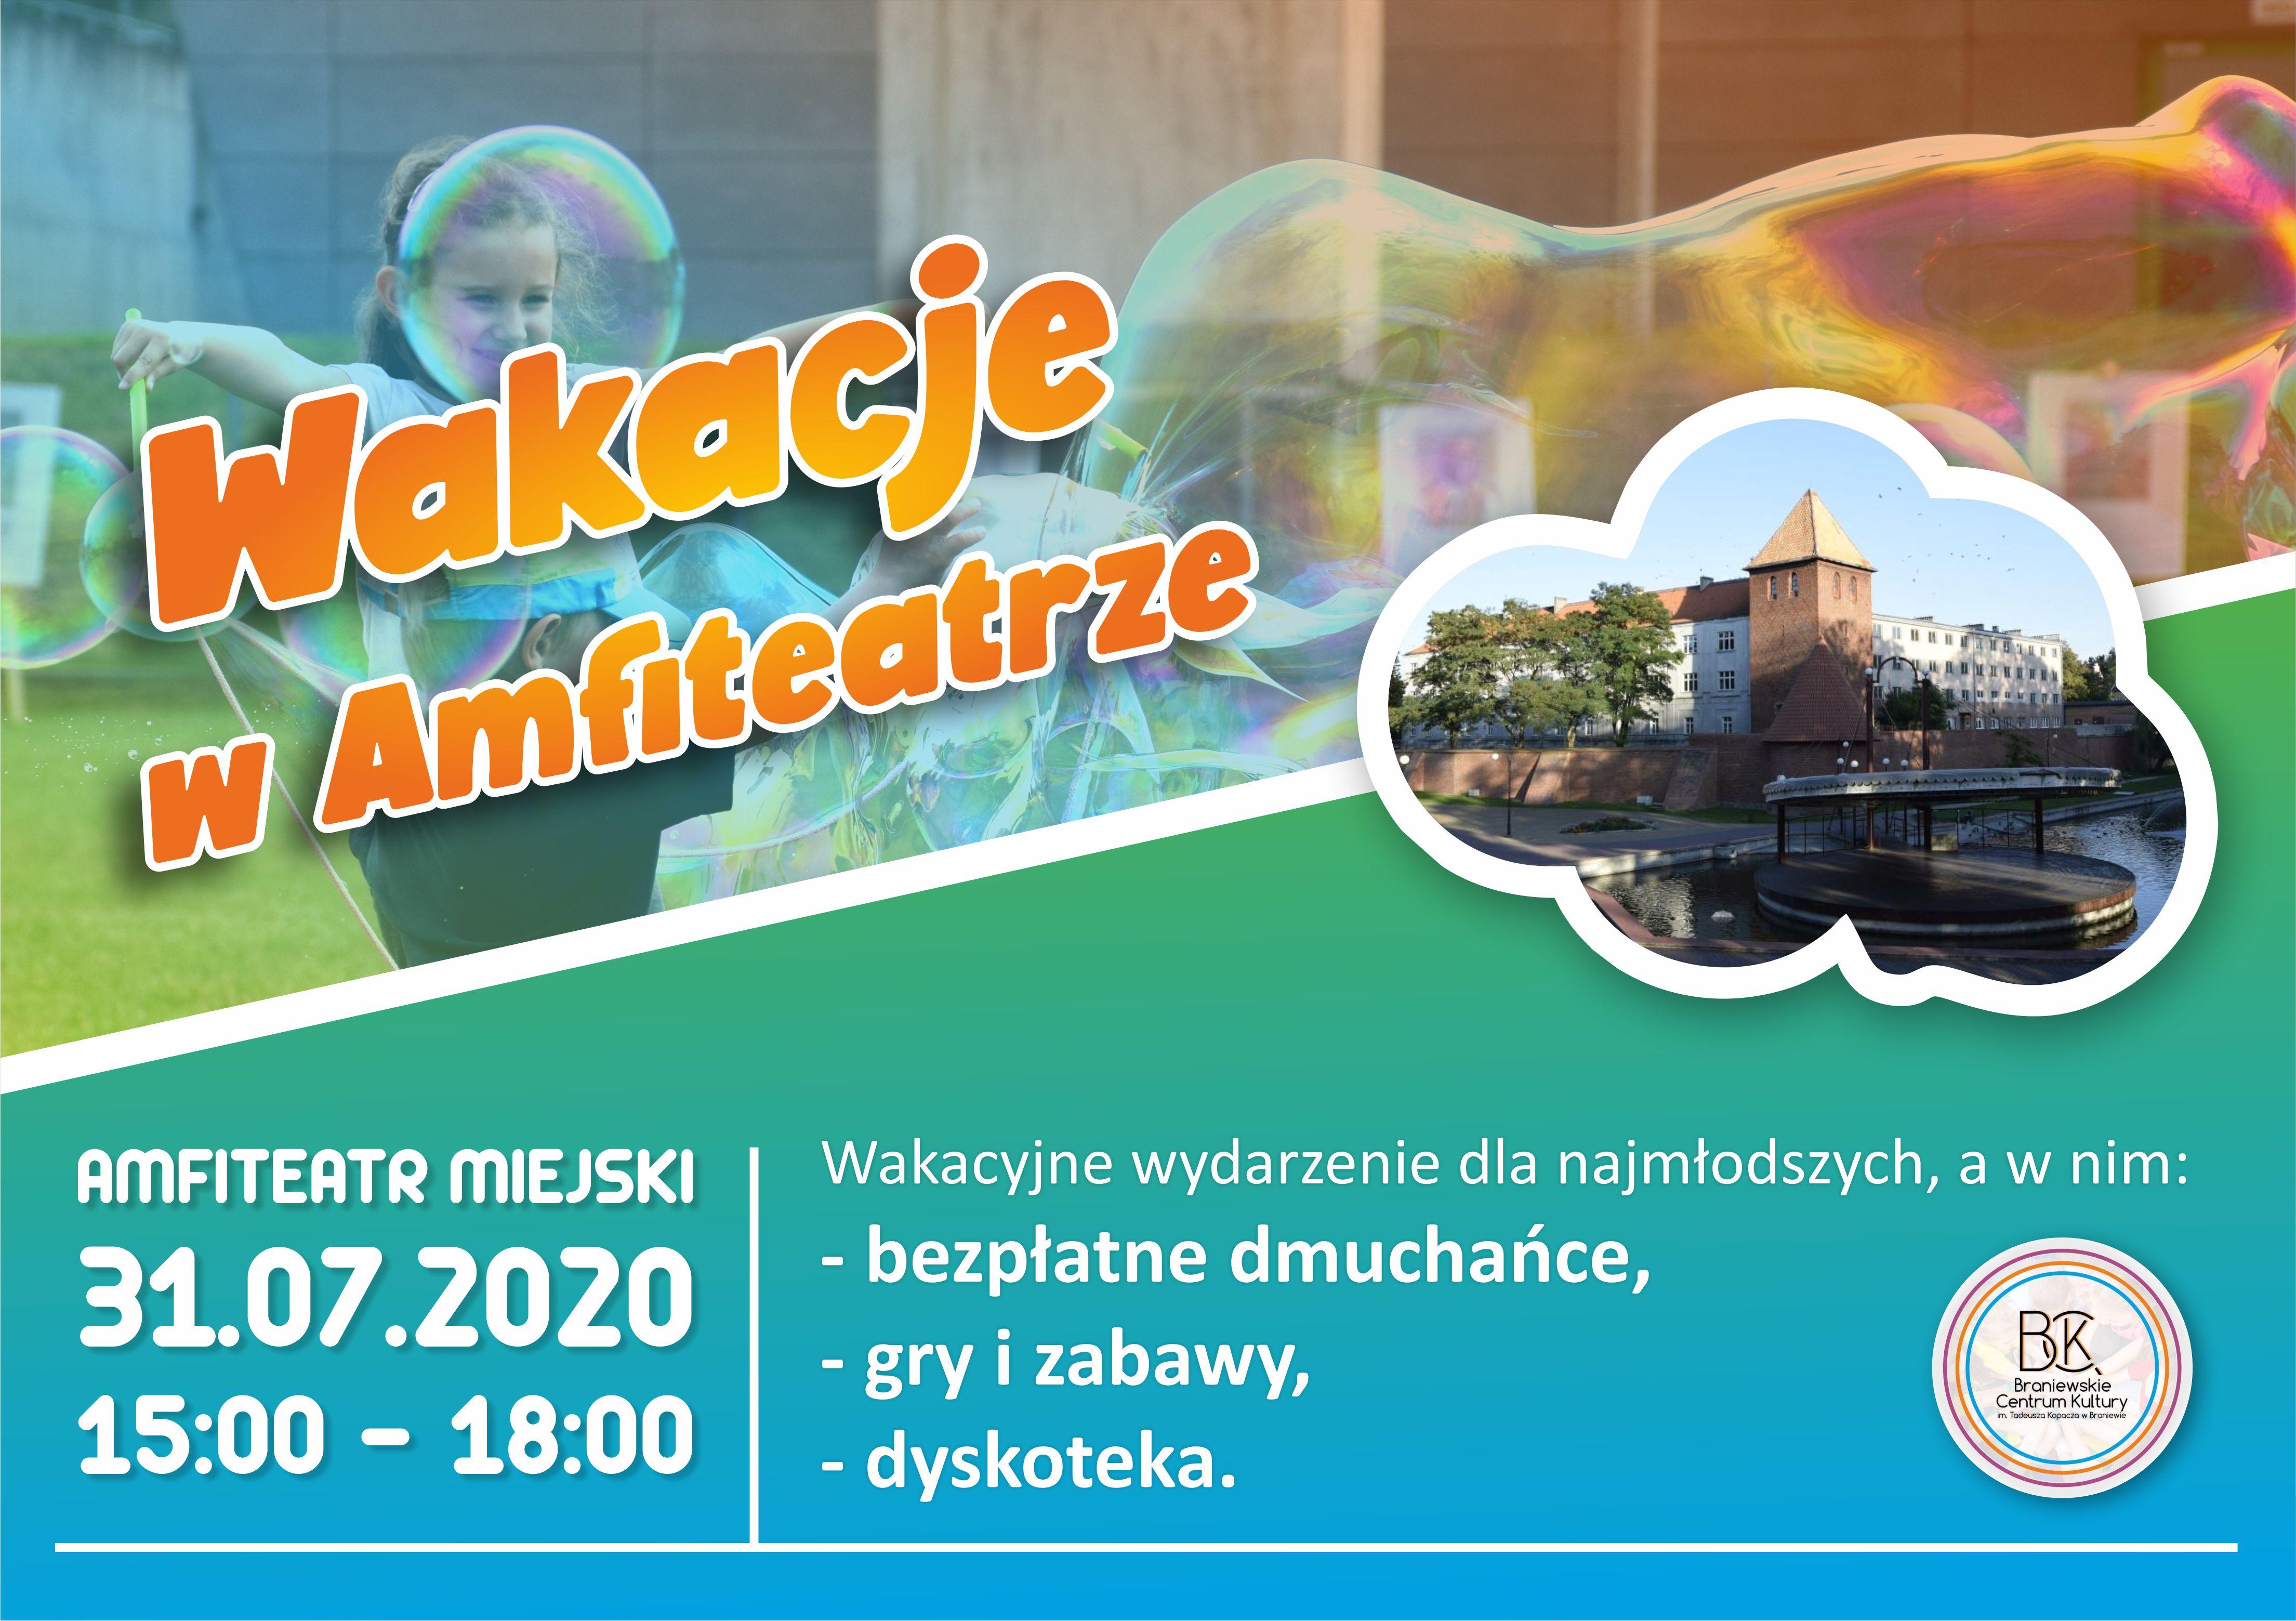 http://m.wm.pl/2020/07/orig/wakacje-w-amfiteatrze-638689.jpg